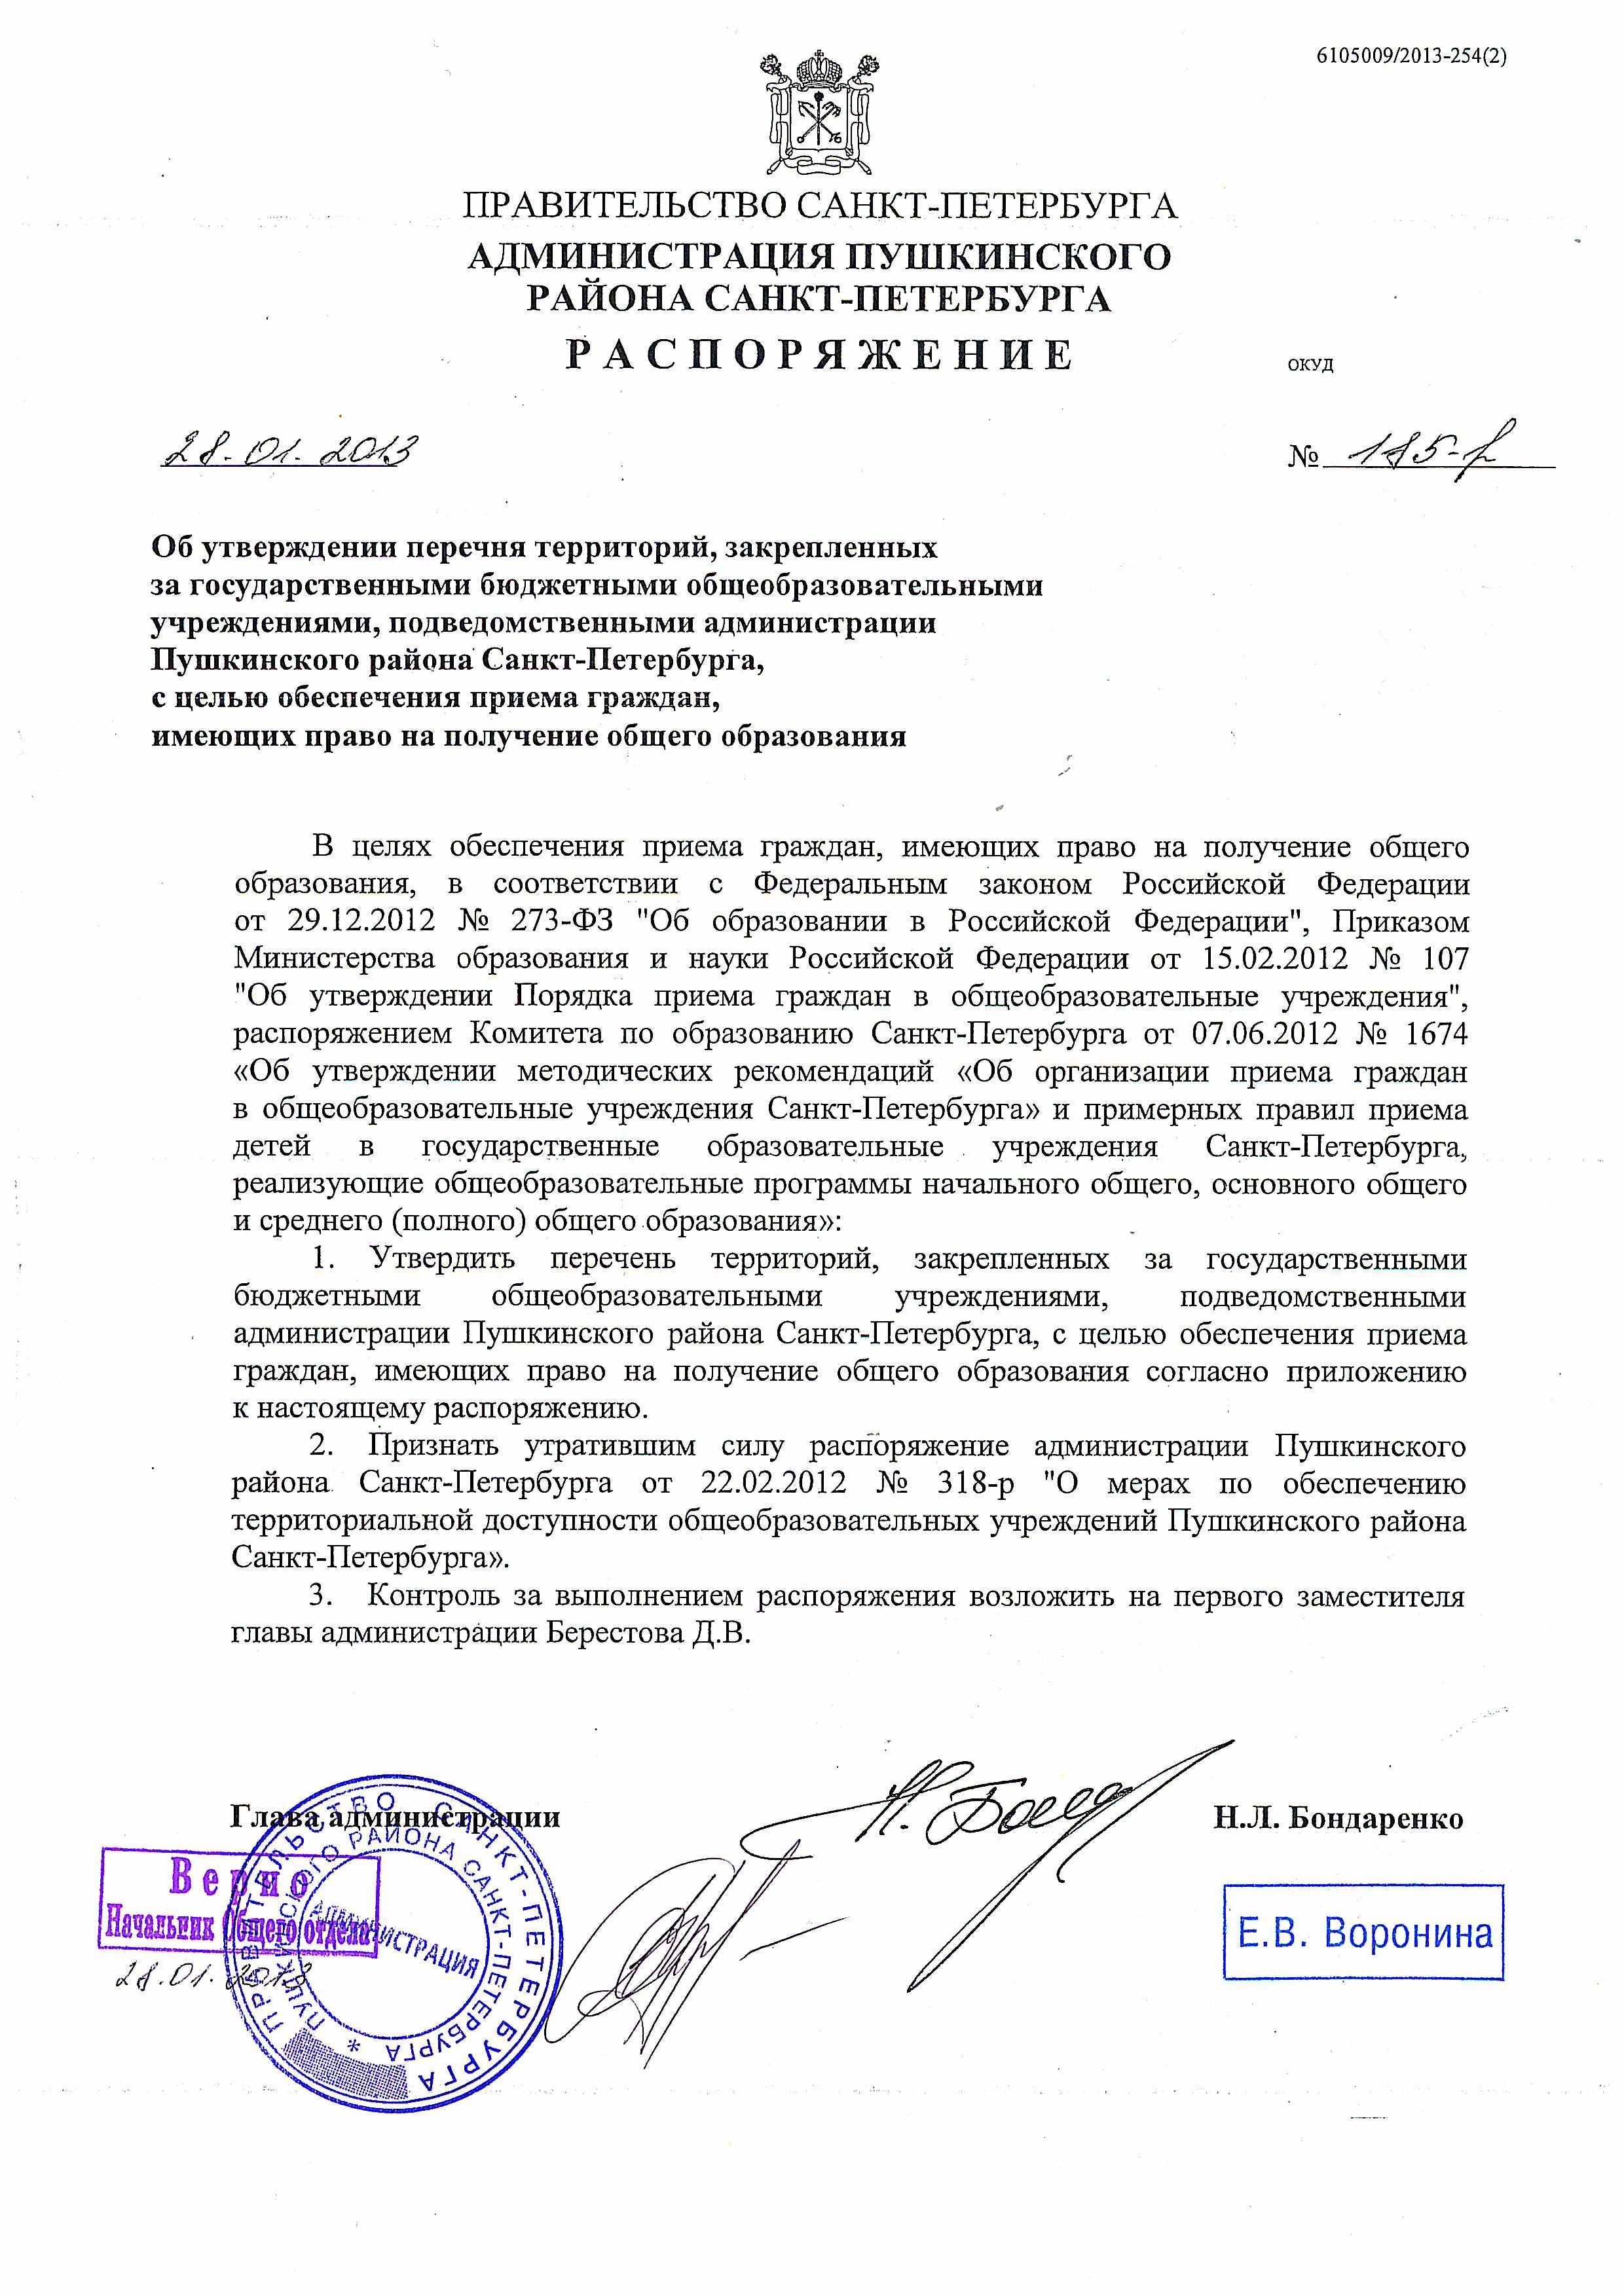 О внесении изменений в устав федерального государственного учреждения культуры архангельский государственный музей